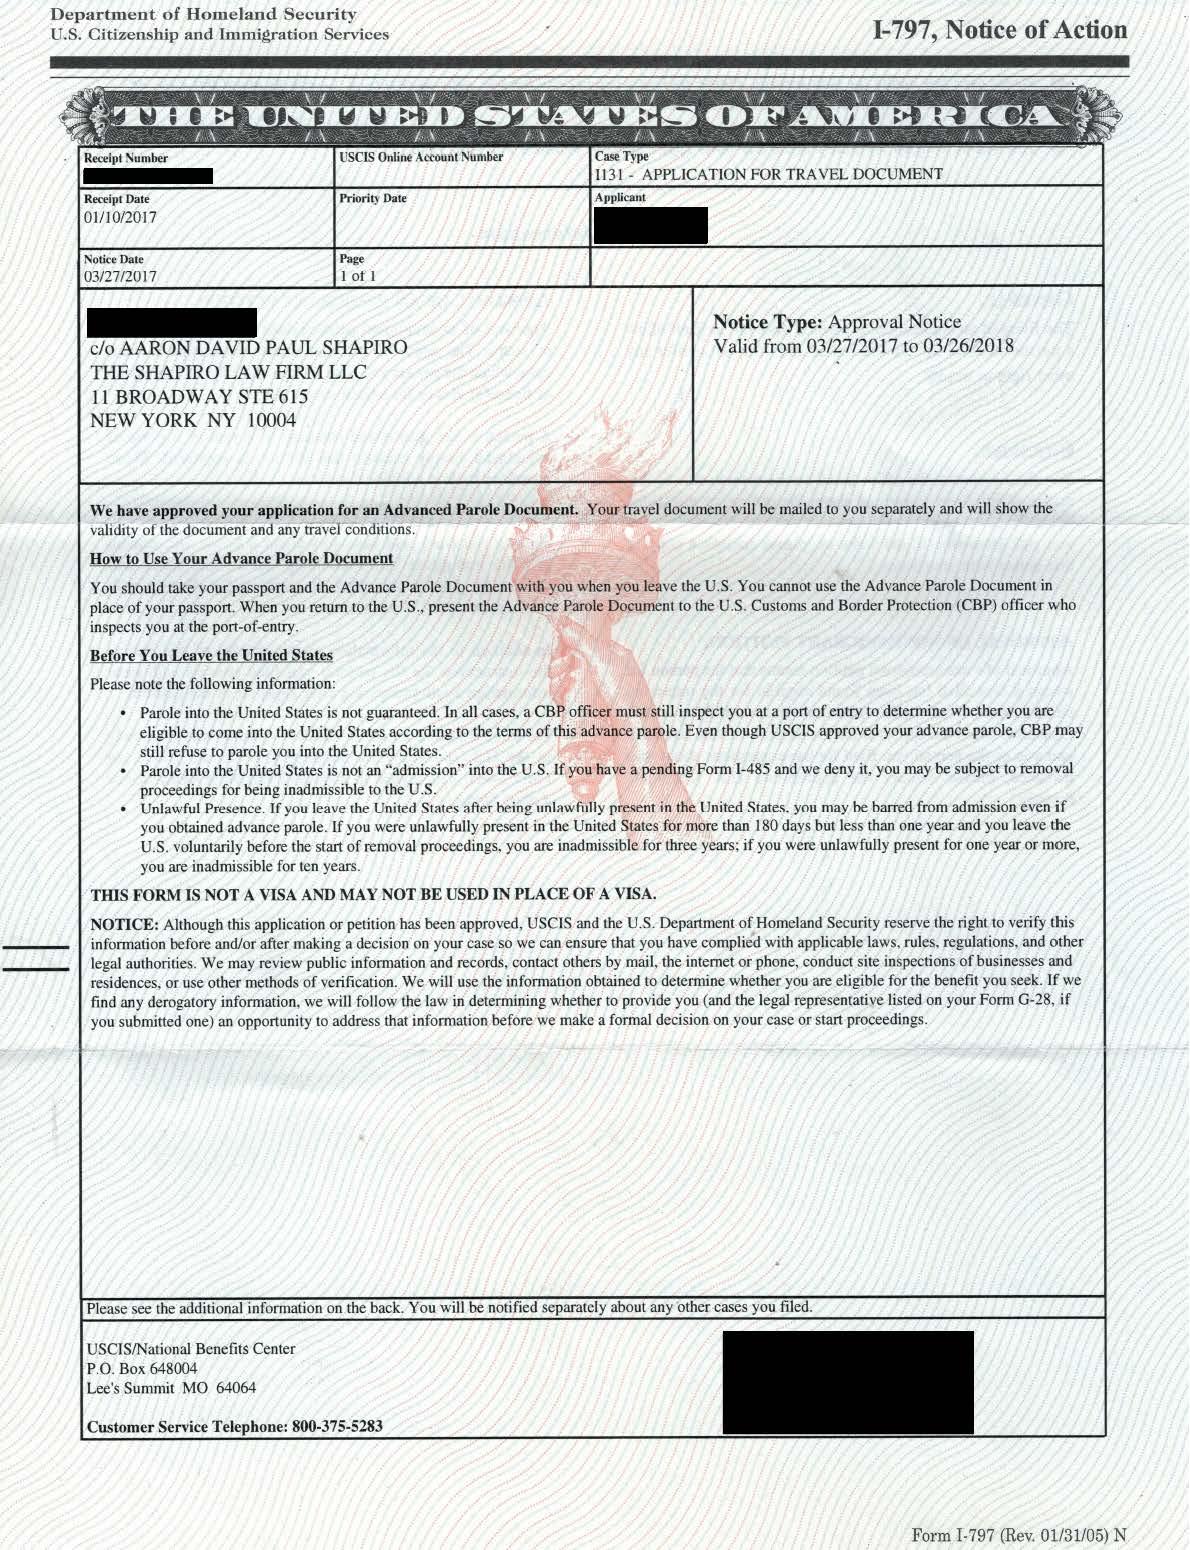 Form I-797, I-131 Approval Notice